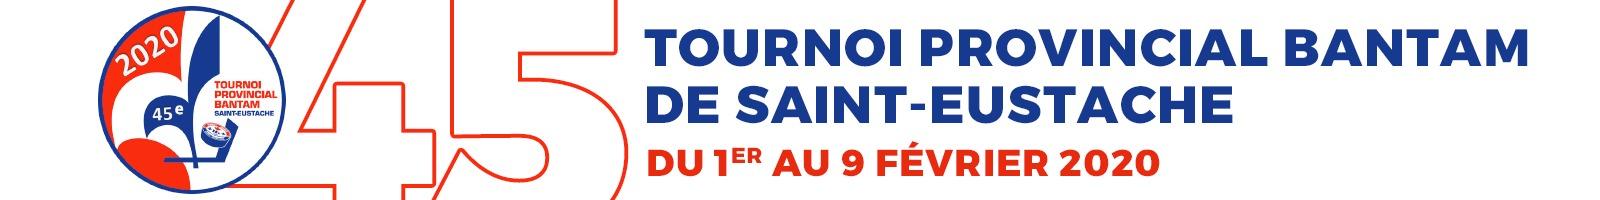 Tournoi Provincial Bantam St-Eustache 2020